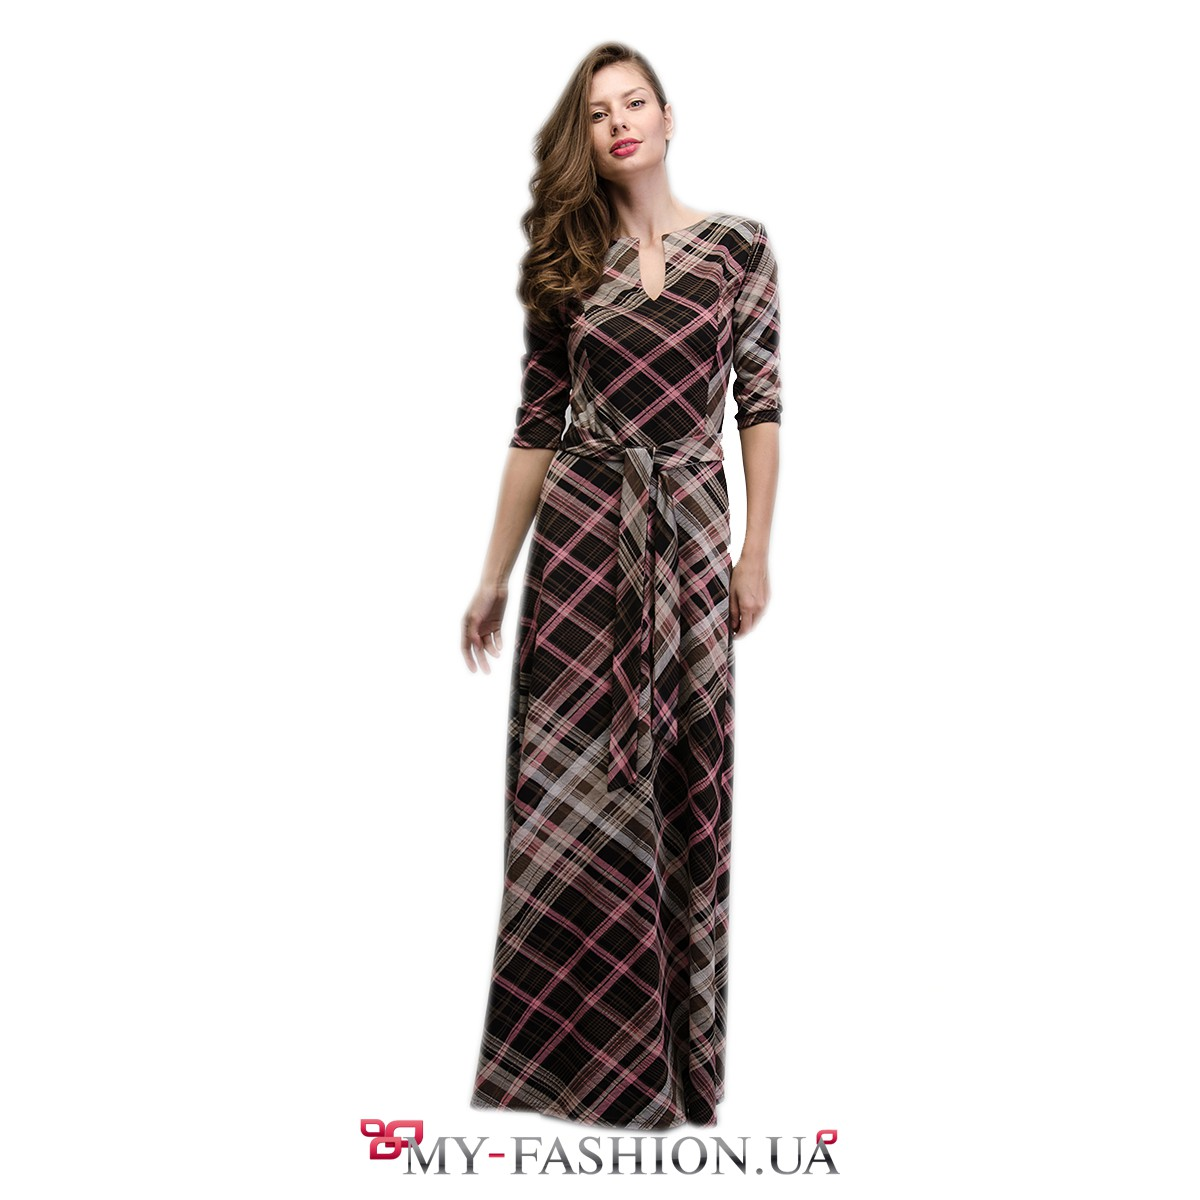 Купить Платье Черное Стильное Платье